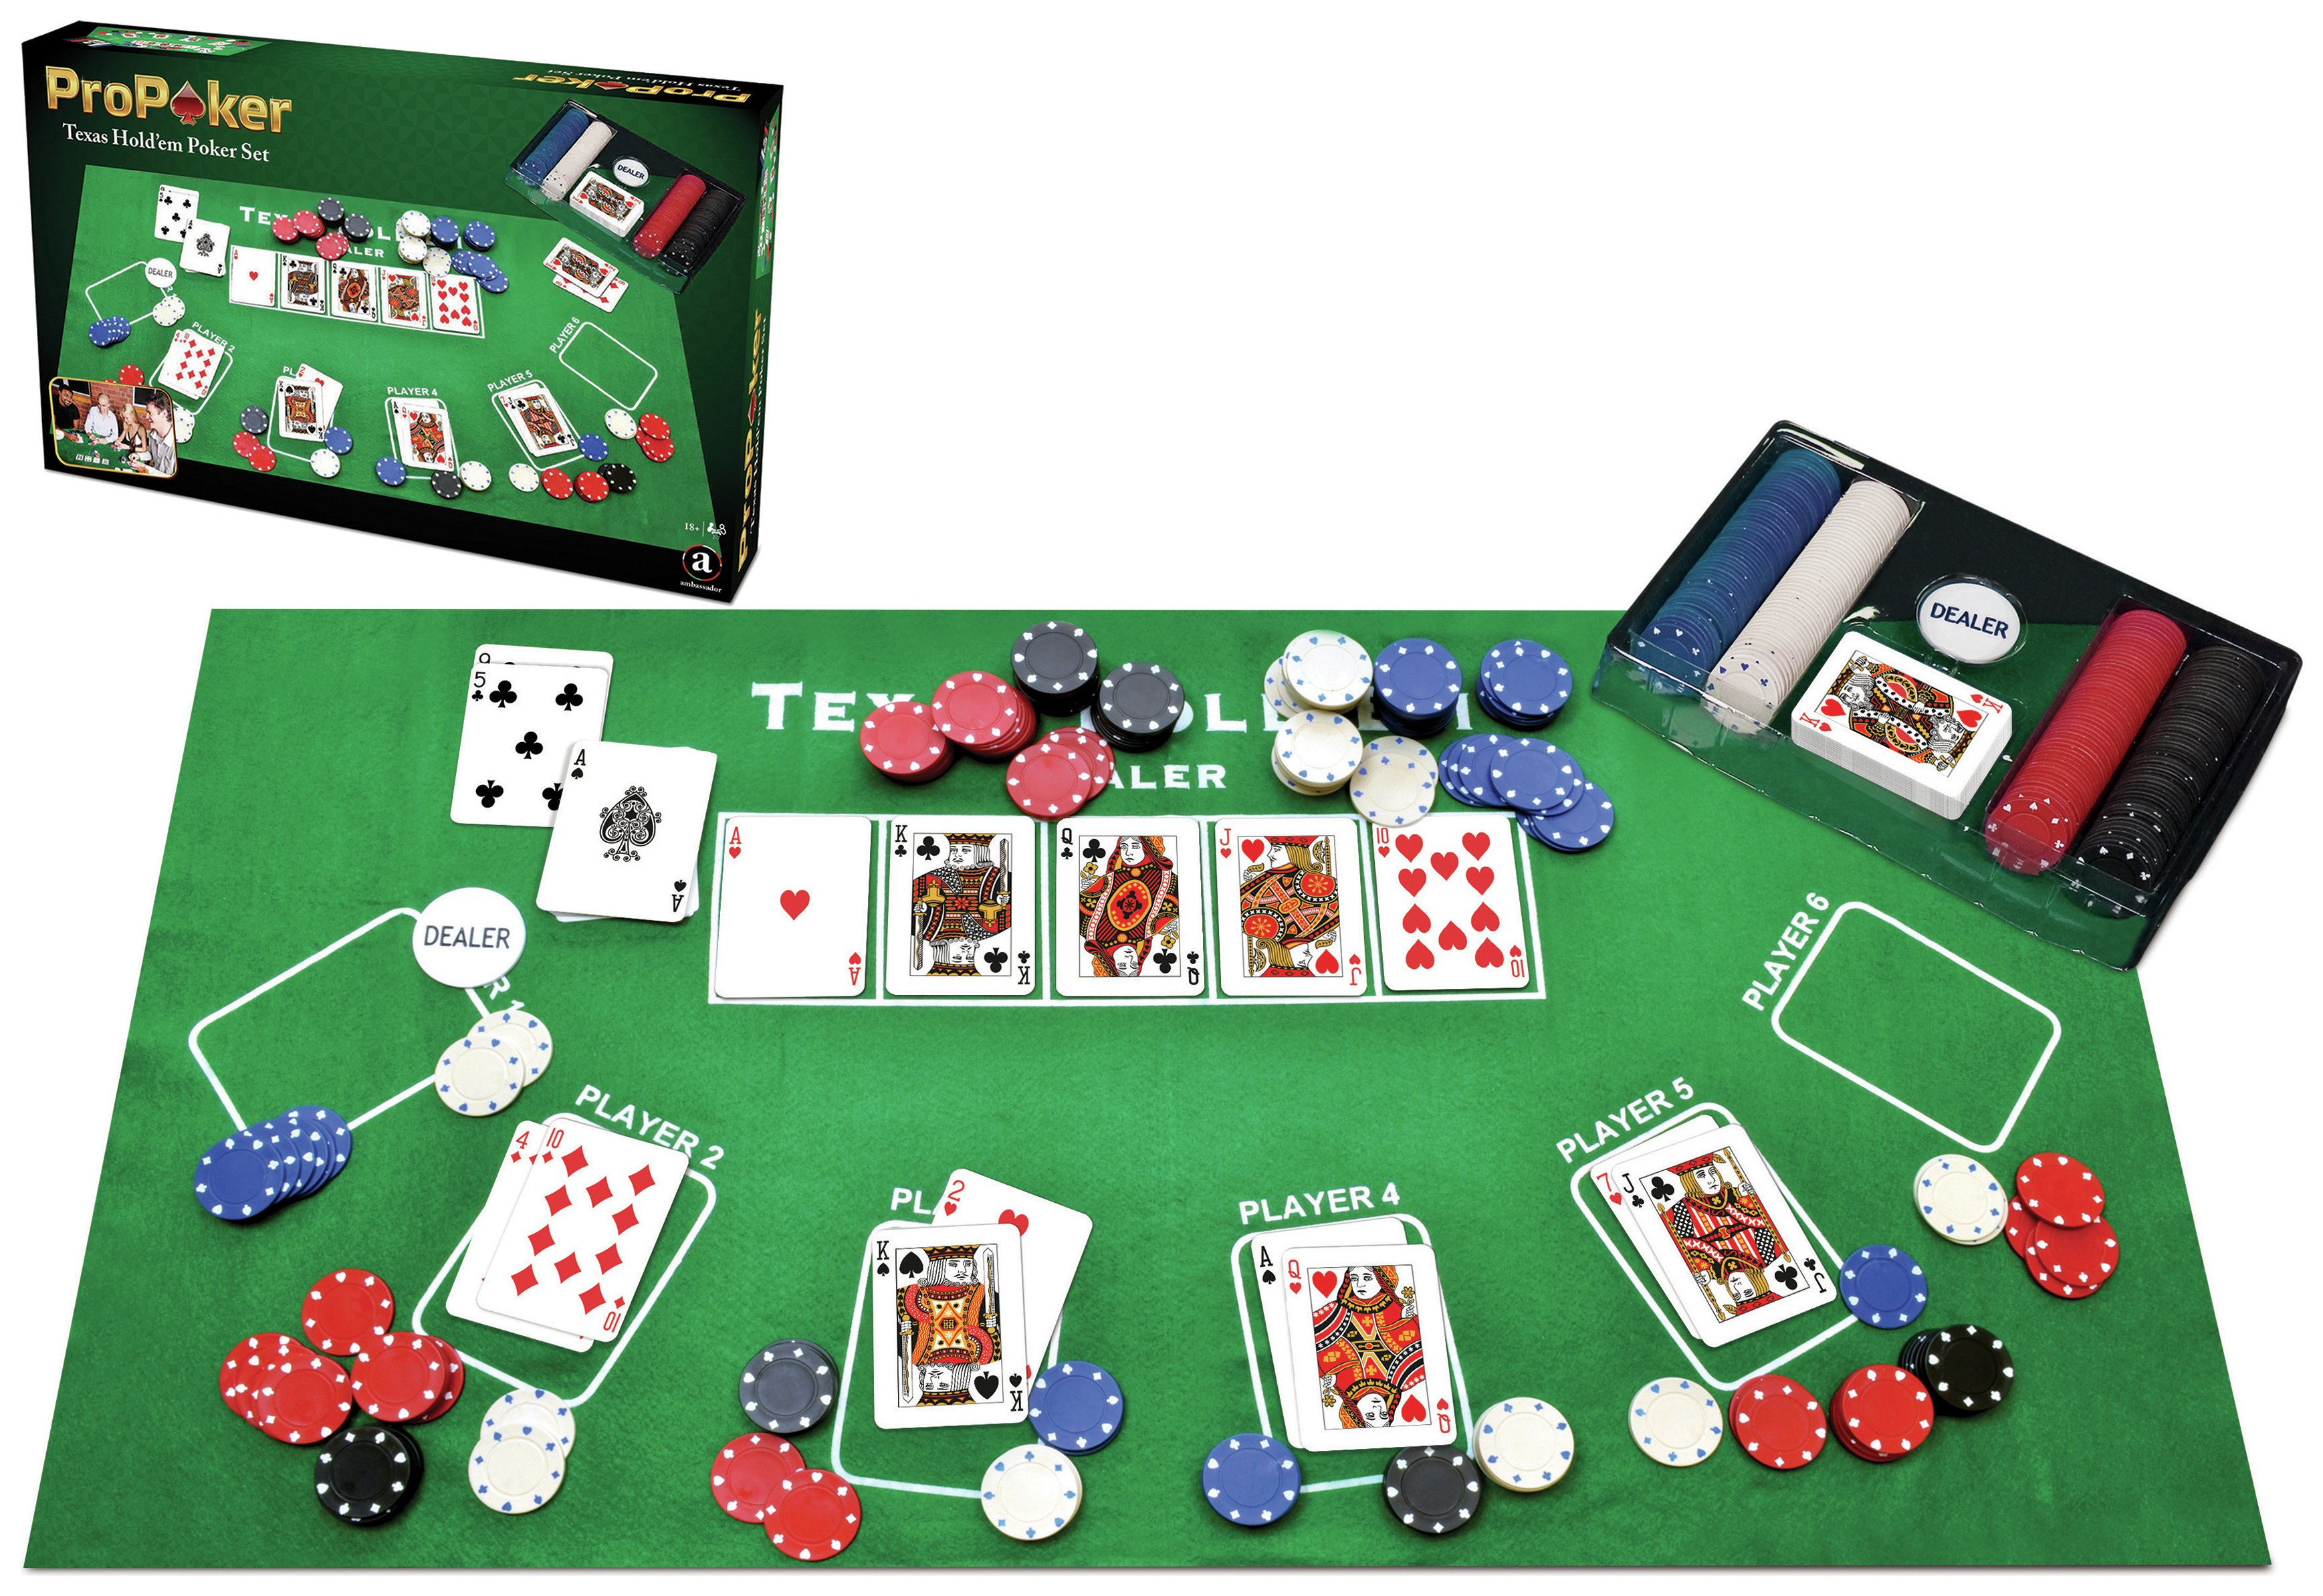 ProPoker Texas Hold'em Poker Set